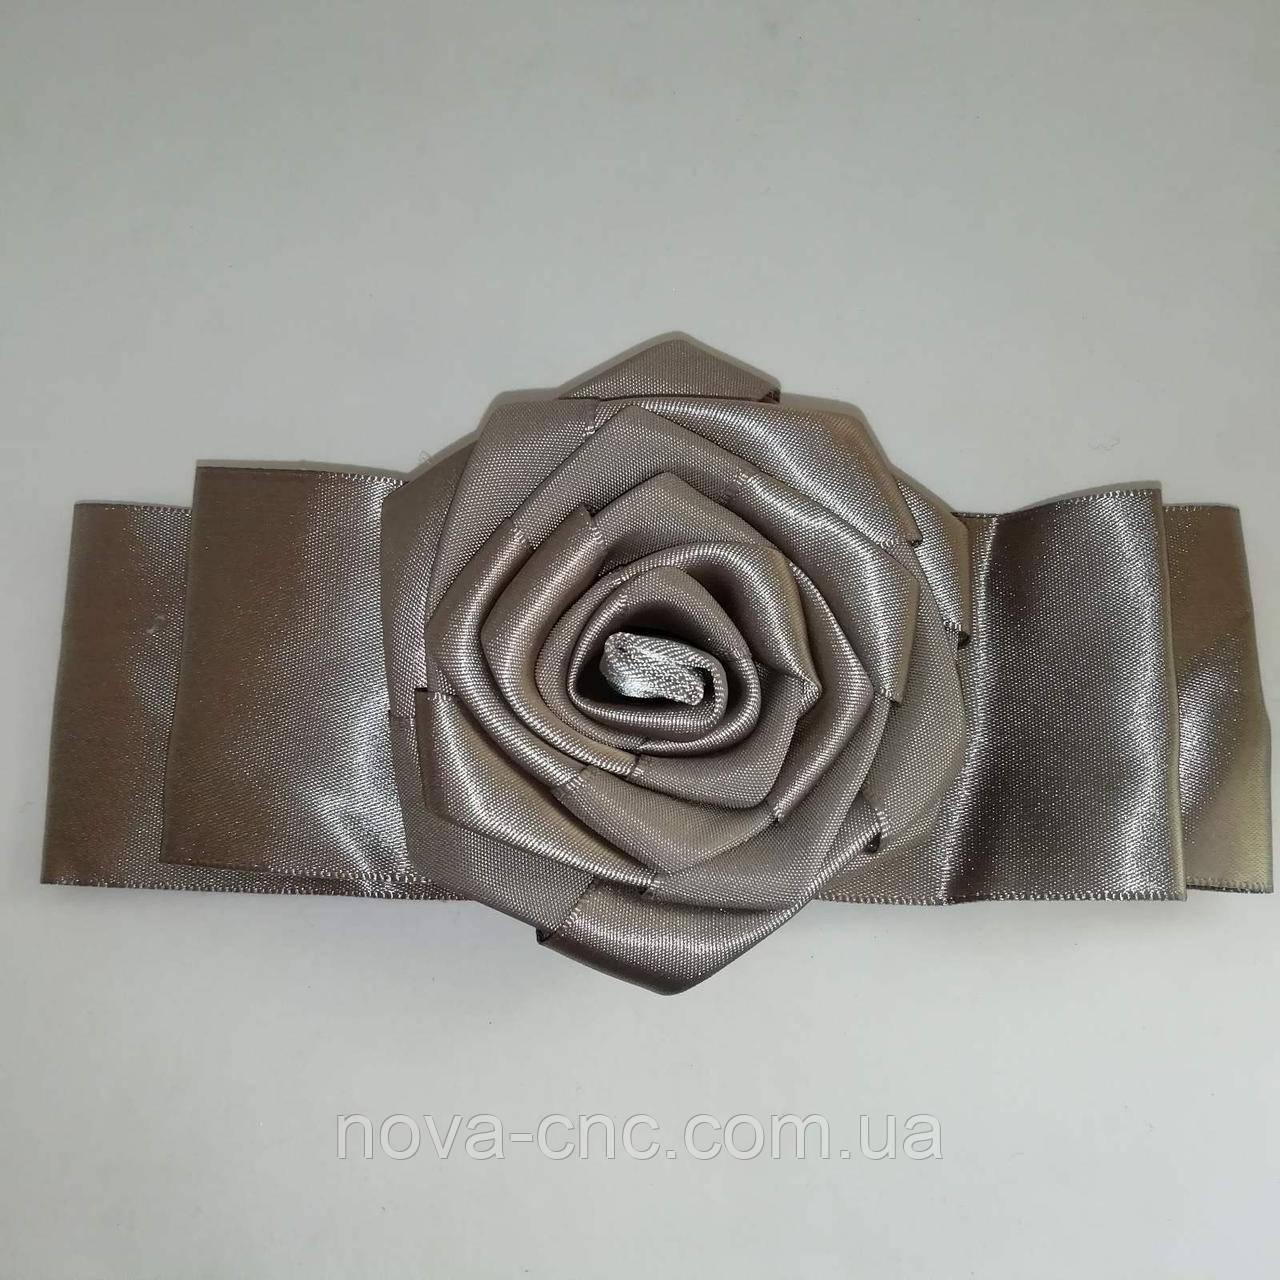 Декор троянда з стрічок Колір сірий 50 х 75 мм довжина 155 мм